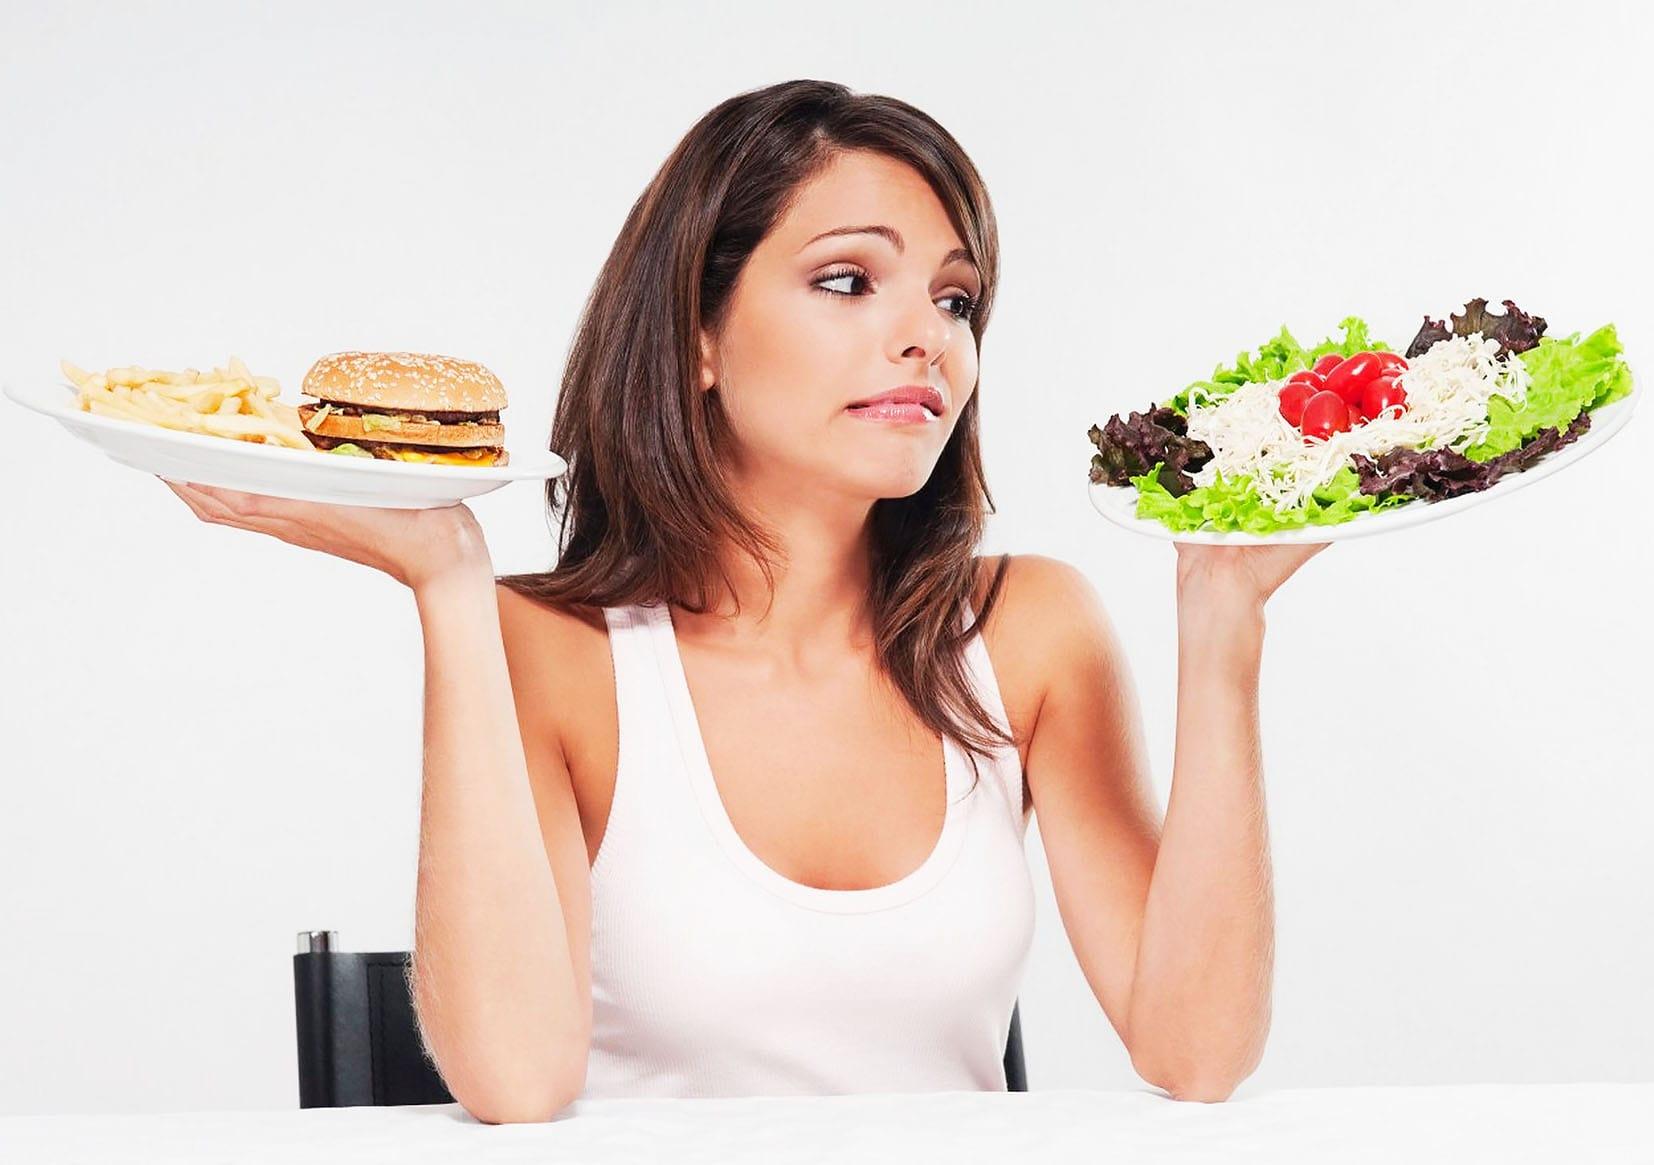 Хотелось Бы Немного Похудеть. Хочу похудеть, но нет силы воли: 6 простых шагов, которые помогут вам получить фигуру мечты